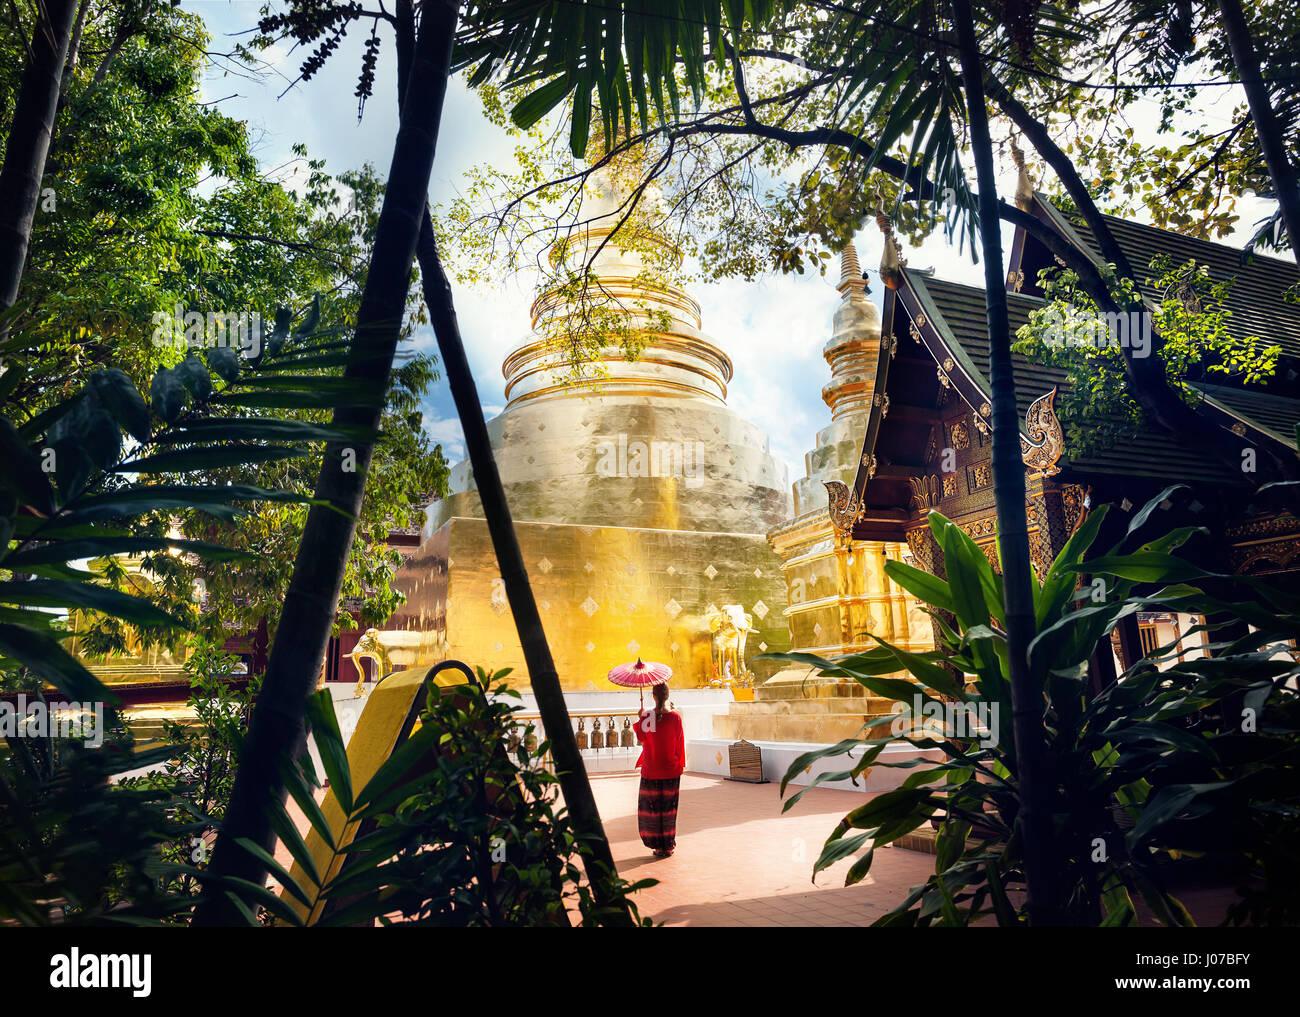 Tourisme Femme avec parapluie traditionnel Thaï rouge près de Golden temple Wat Phra Singh de Chiang Mai, Thaïlande Banque D'Images